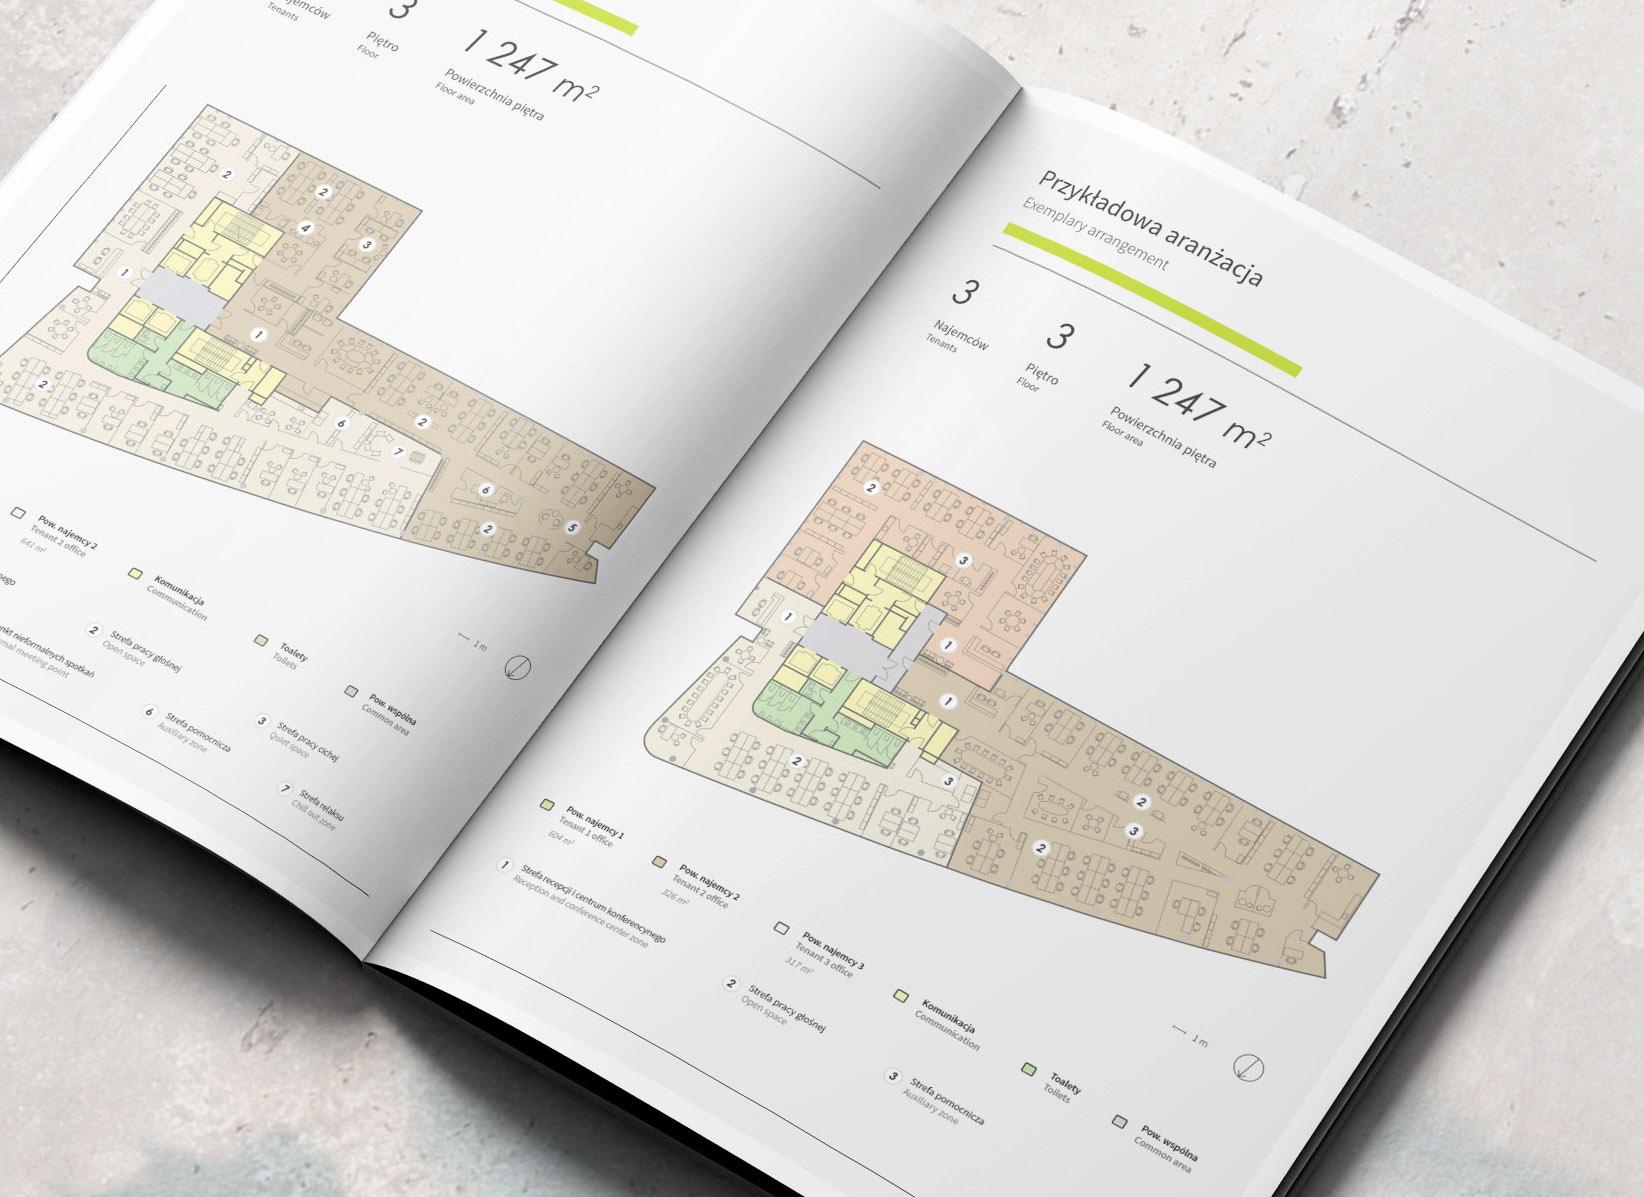 2015 Deka Grzybowska Park brochure 9.jpg